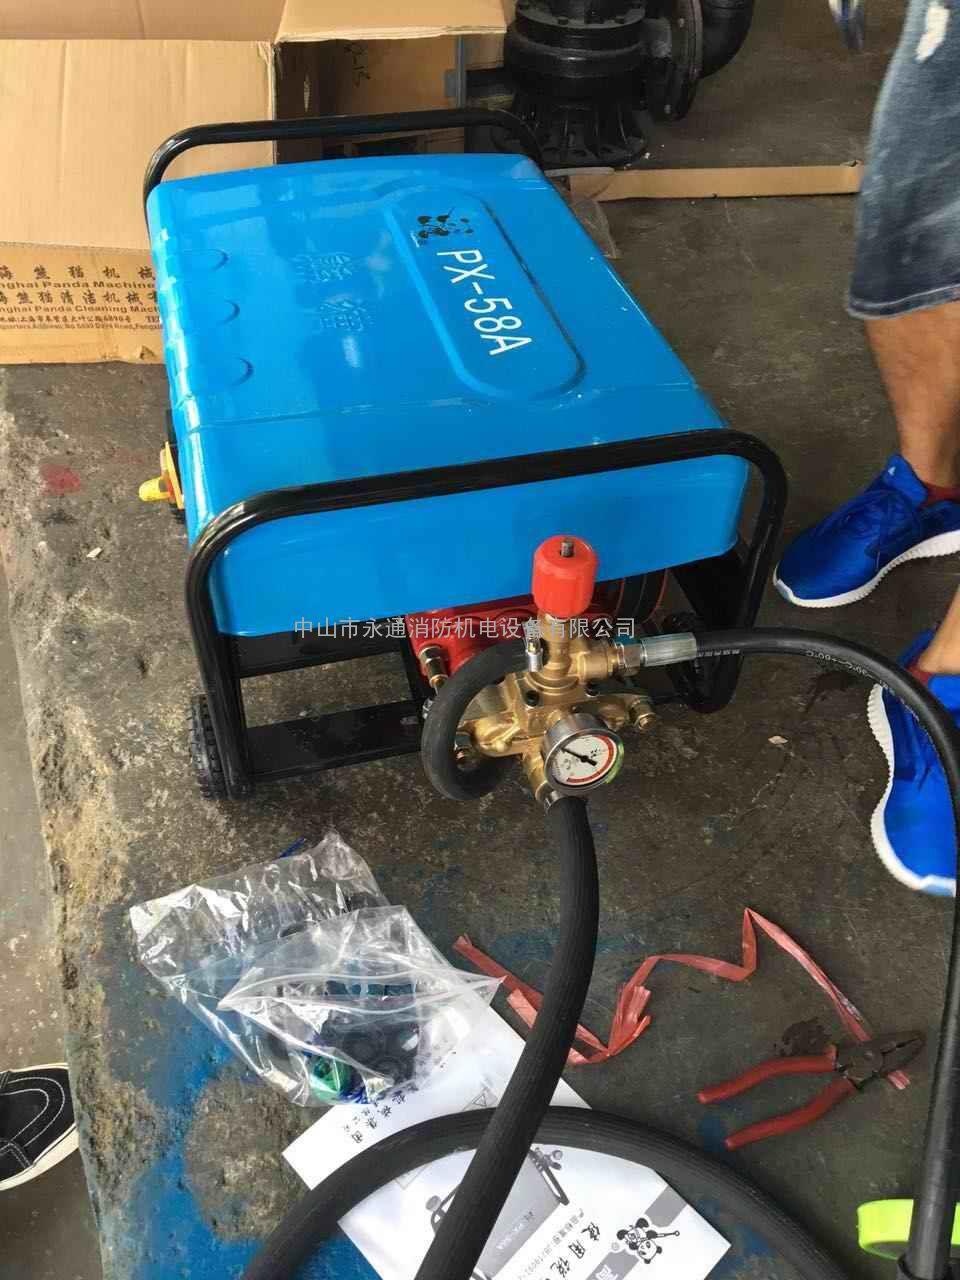 PX-58A工业大货车冲洗轮子380V高压清洗机刷车泵